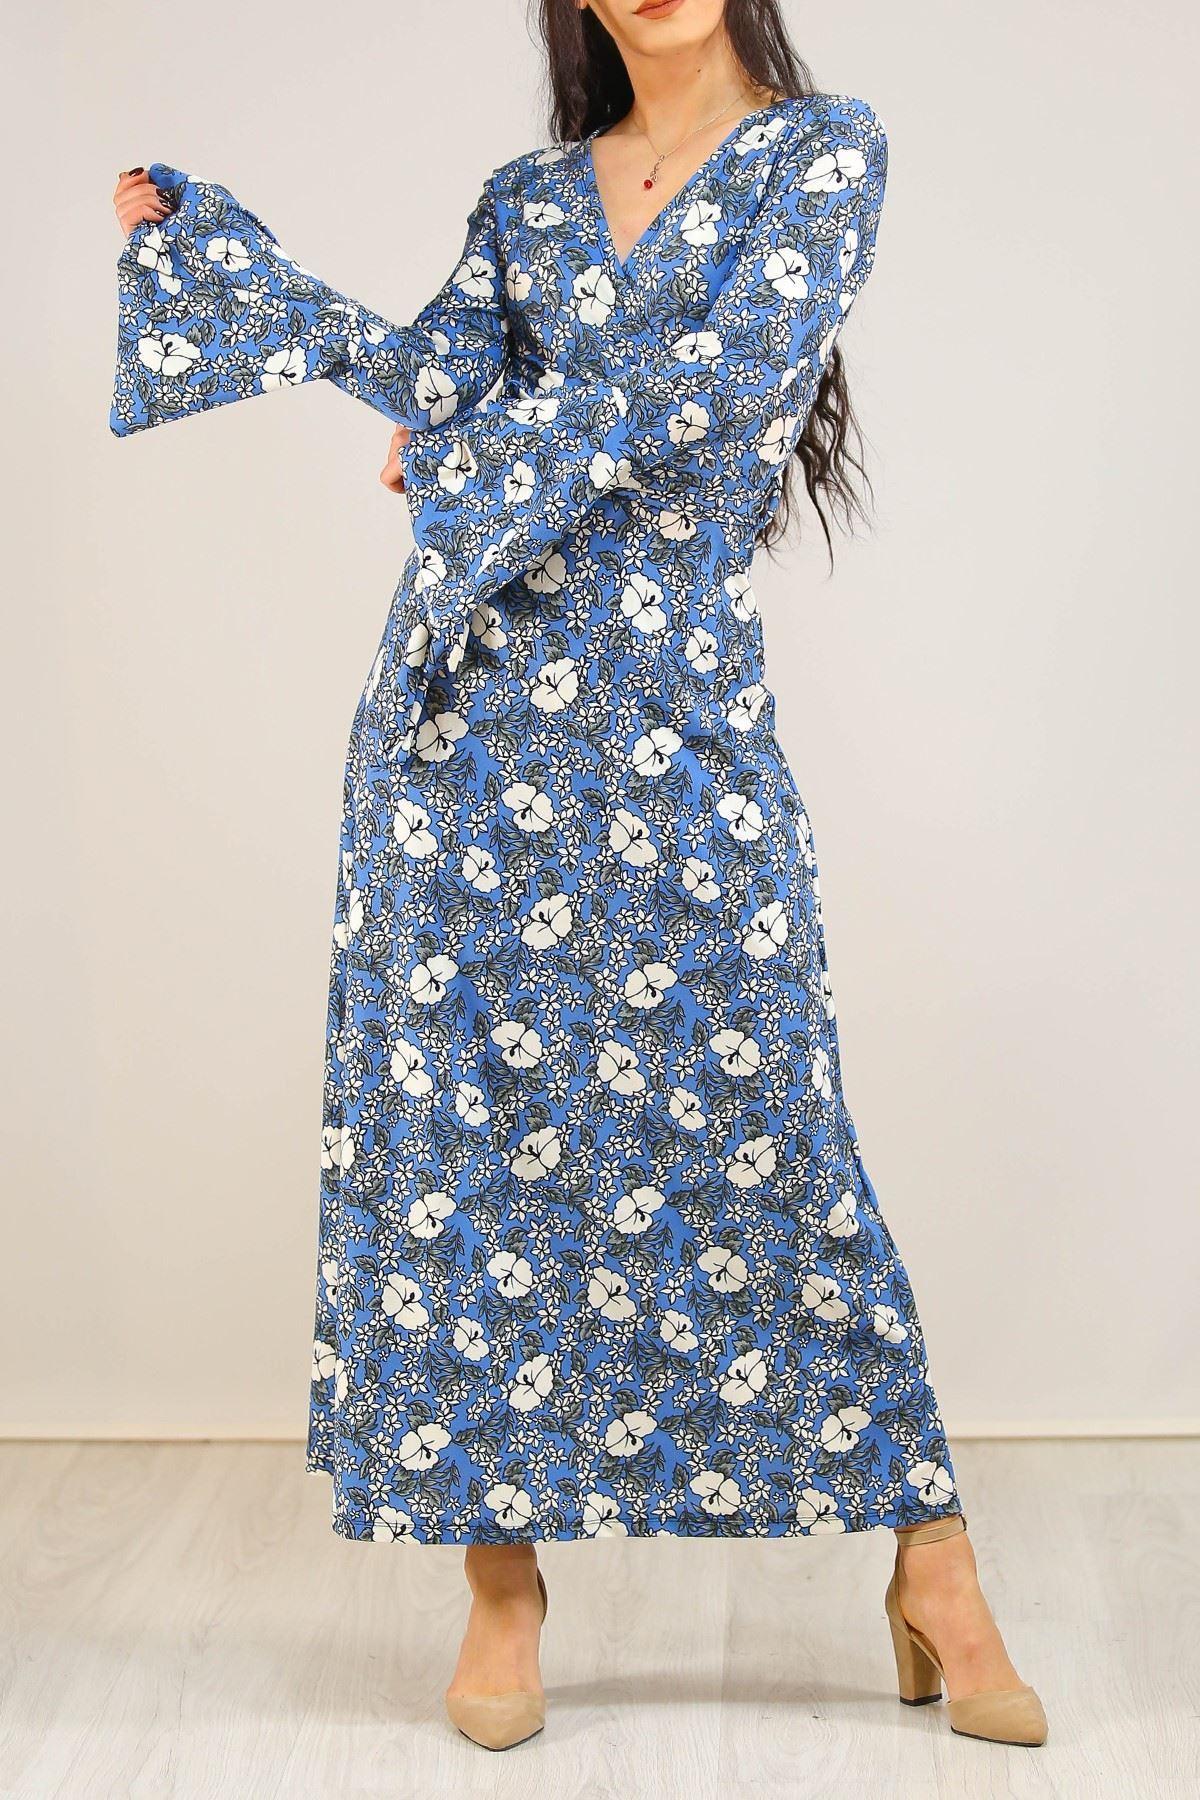 İspanyolkol Desenli Elbise Maviçiçekli - 5075.716.